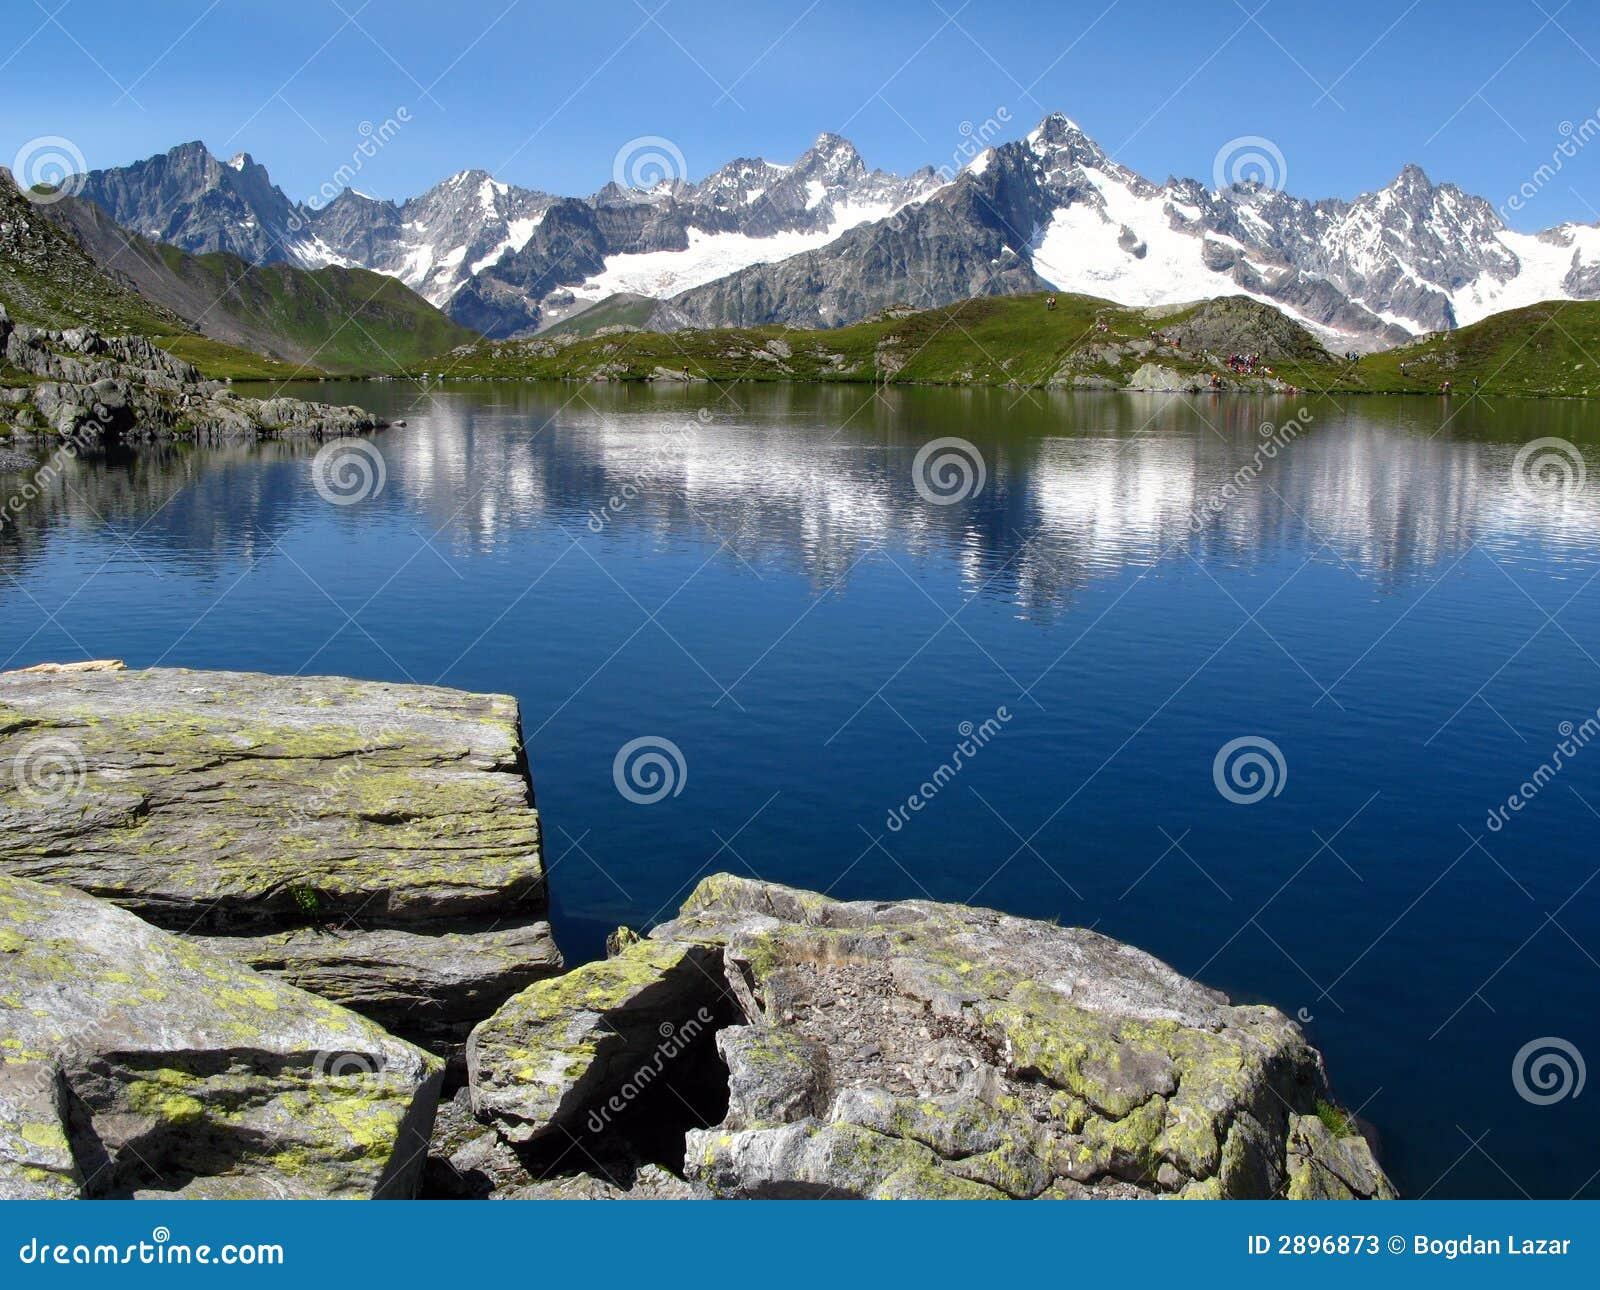 6 ευρωπαϊκές λίμνες fenetre ορών